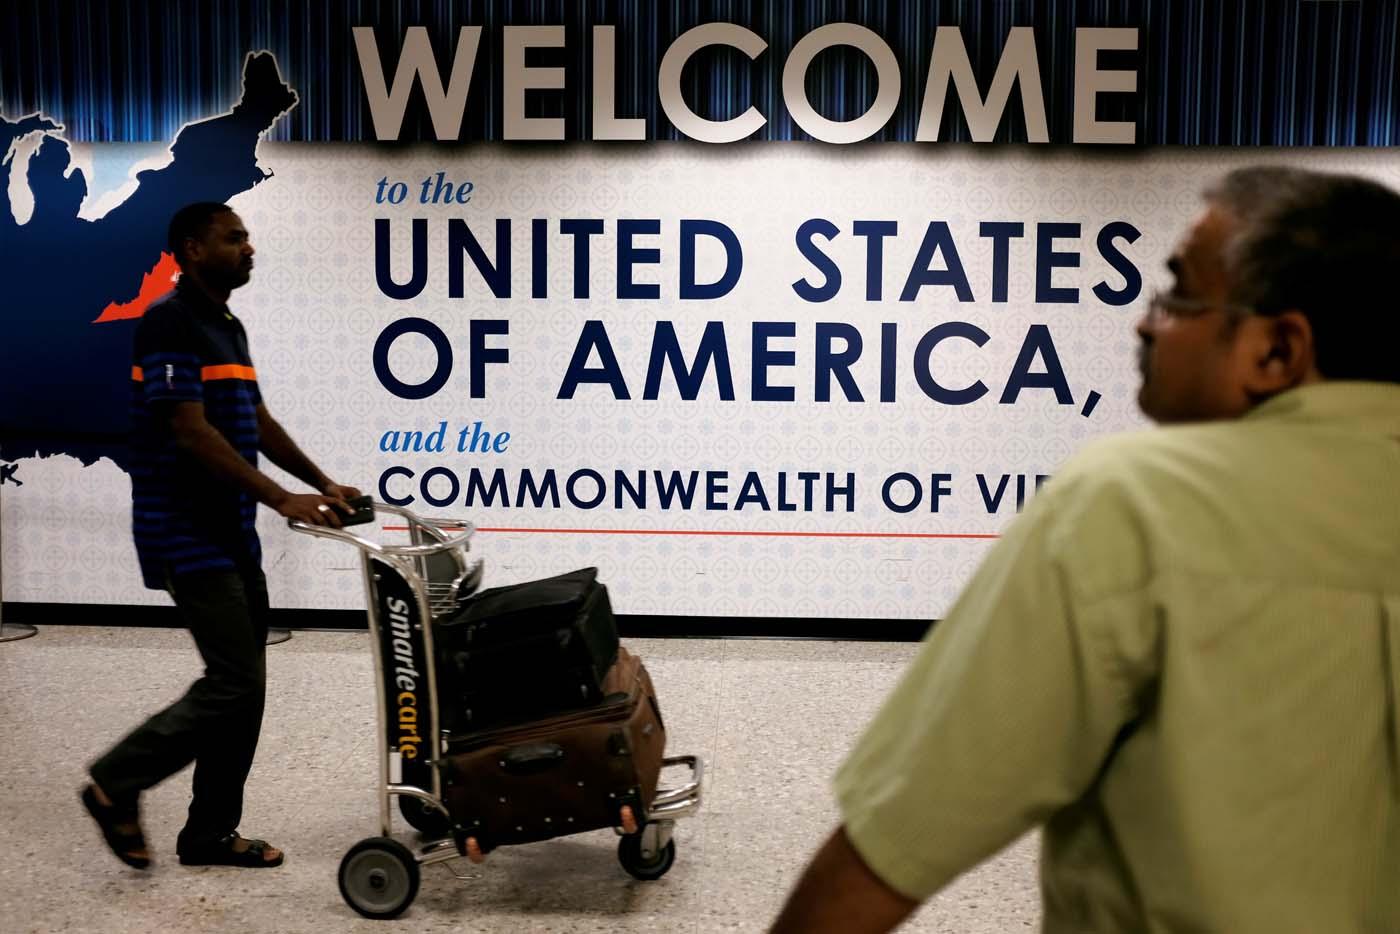 Un pasajero llega al aeropuerto internacional de Dulles mientras una persona espera en el área de arribos en Dulles, Virginia, EEUU. 24 de septiembre, 2017. REUTERS/James Lawler Duggan